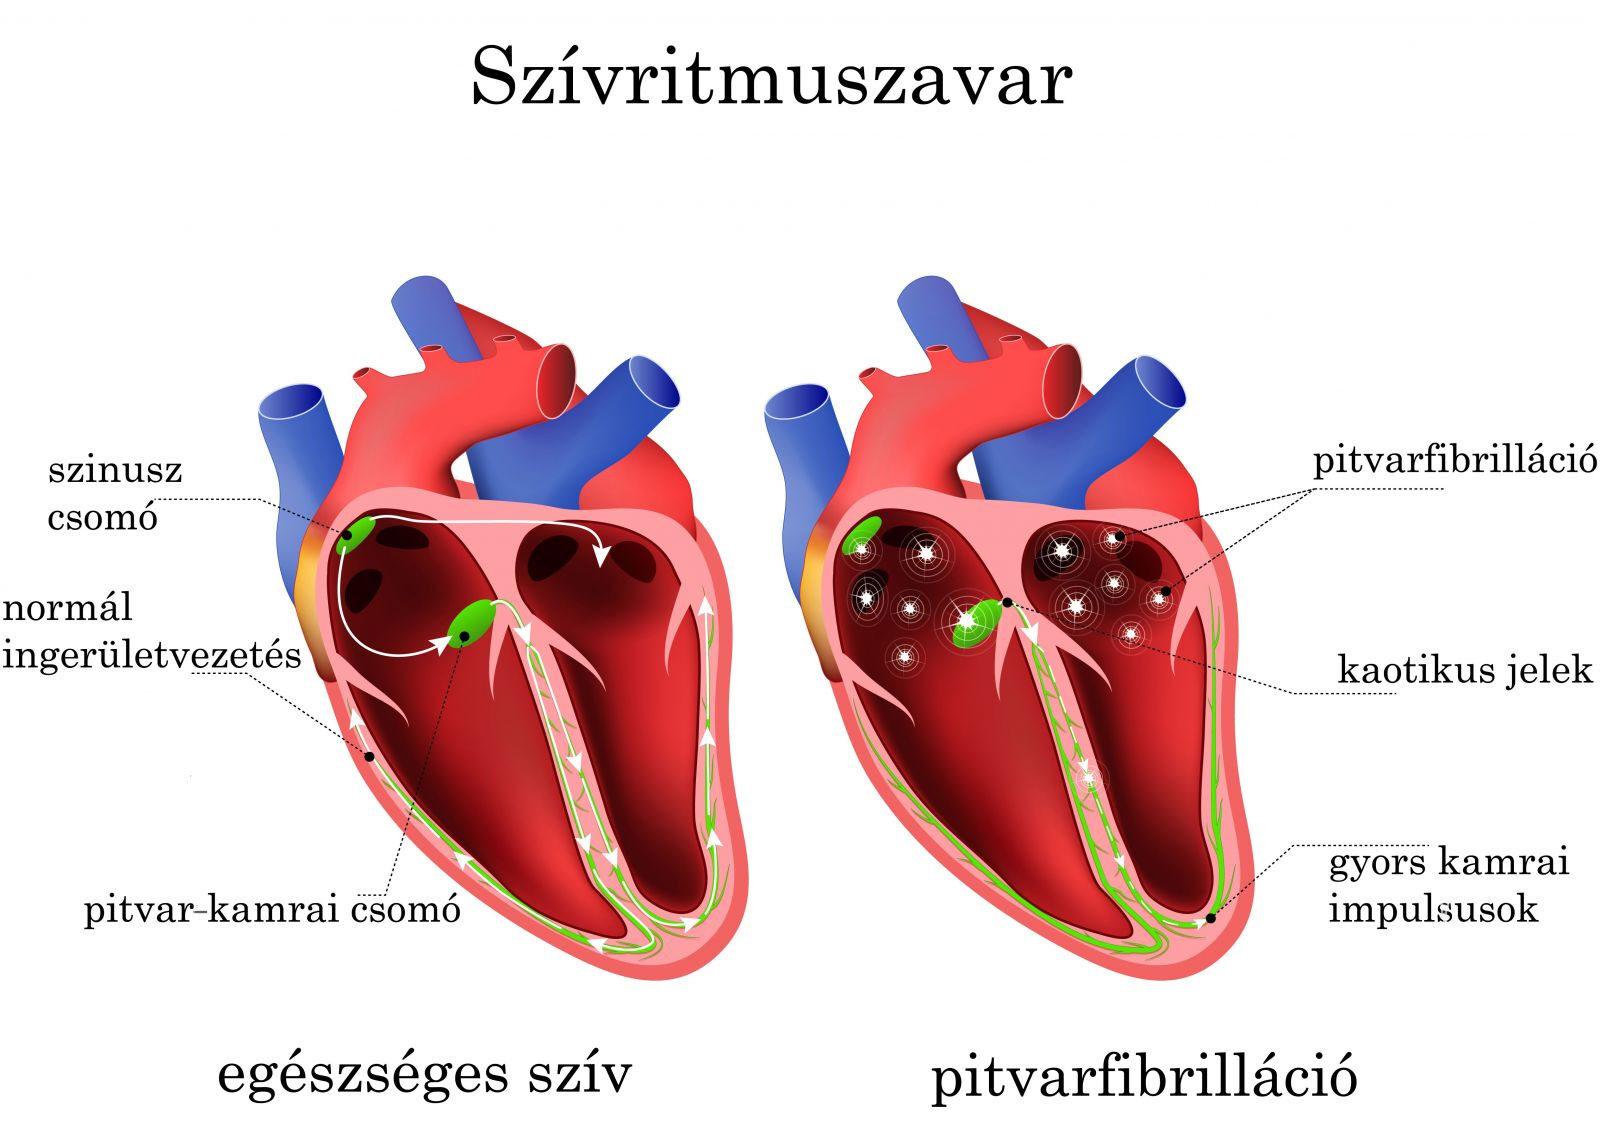 szívritmuszavar magas vérnyomás esetén hentes magas vérnyomás kezelés